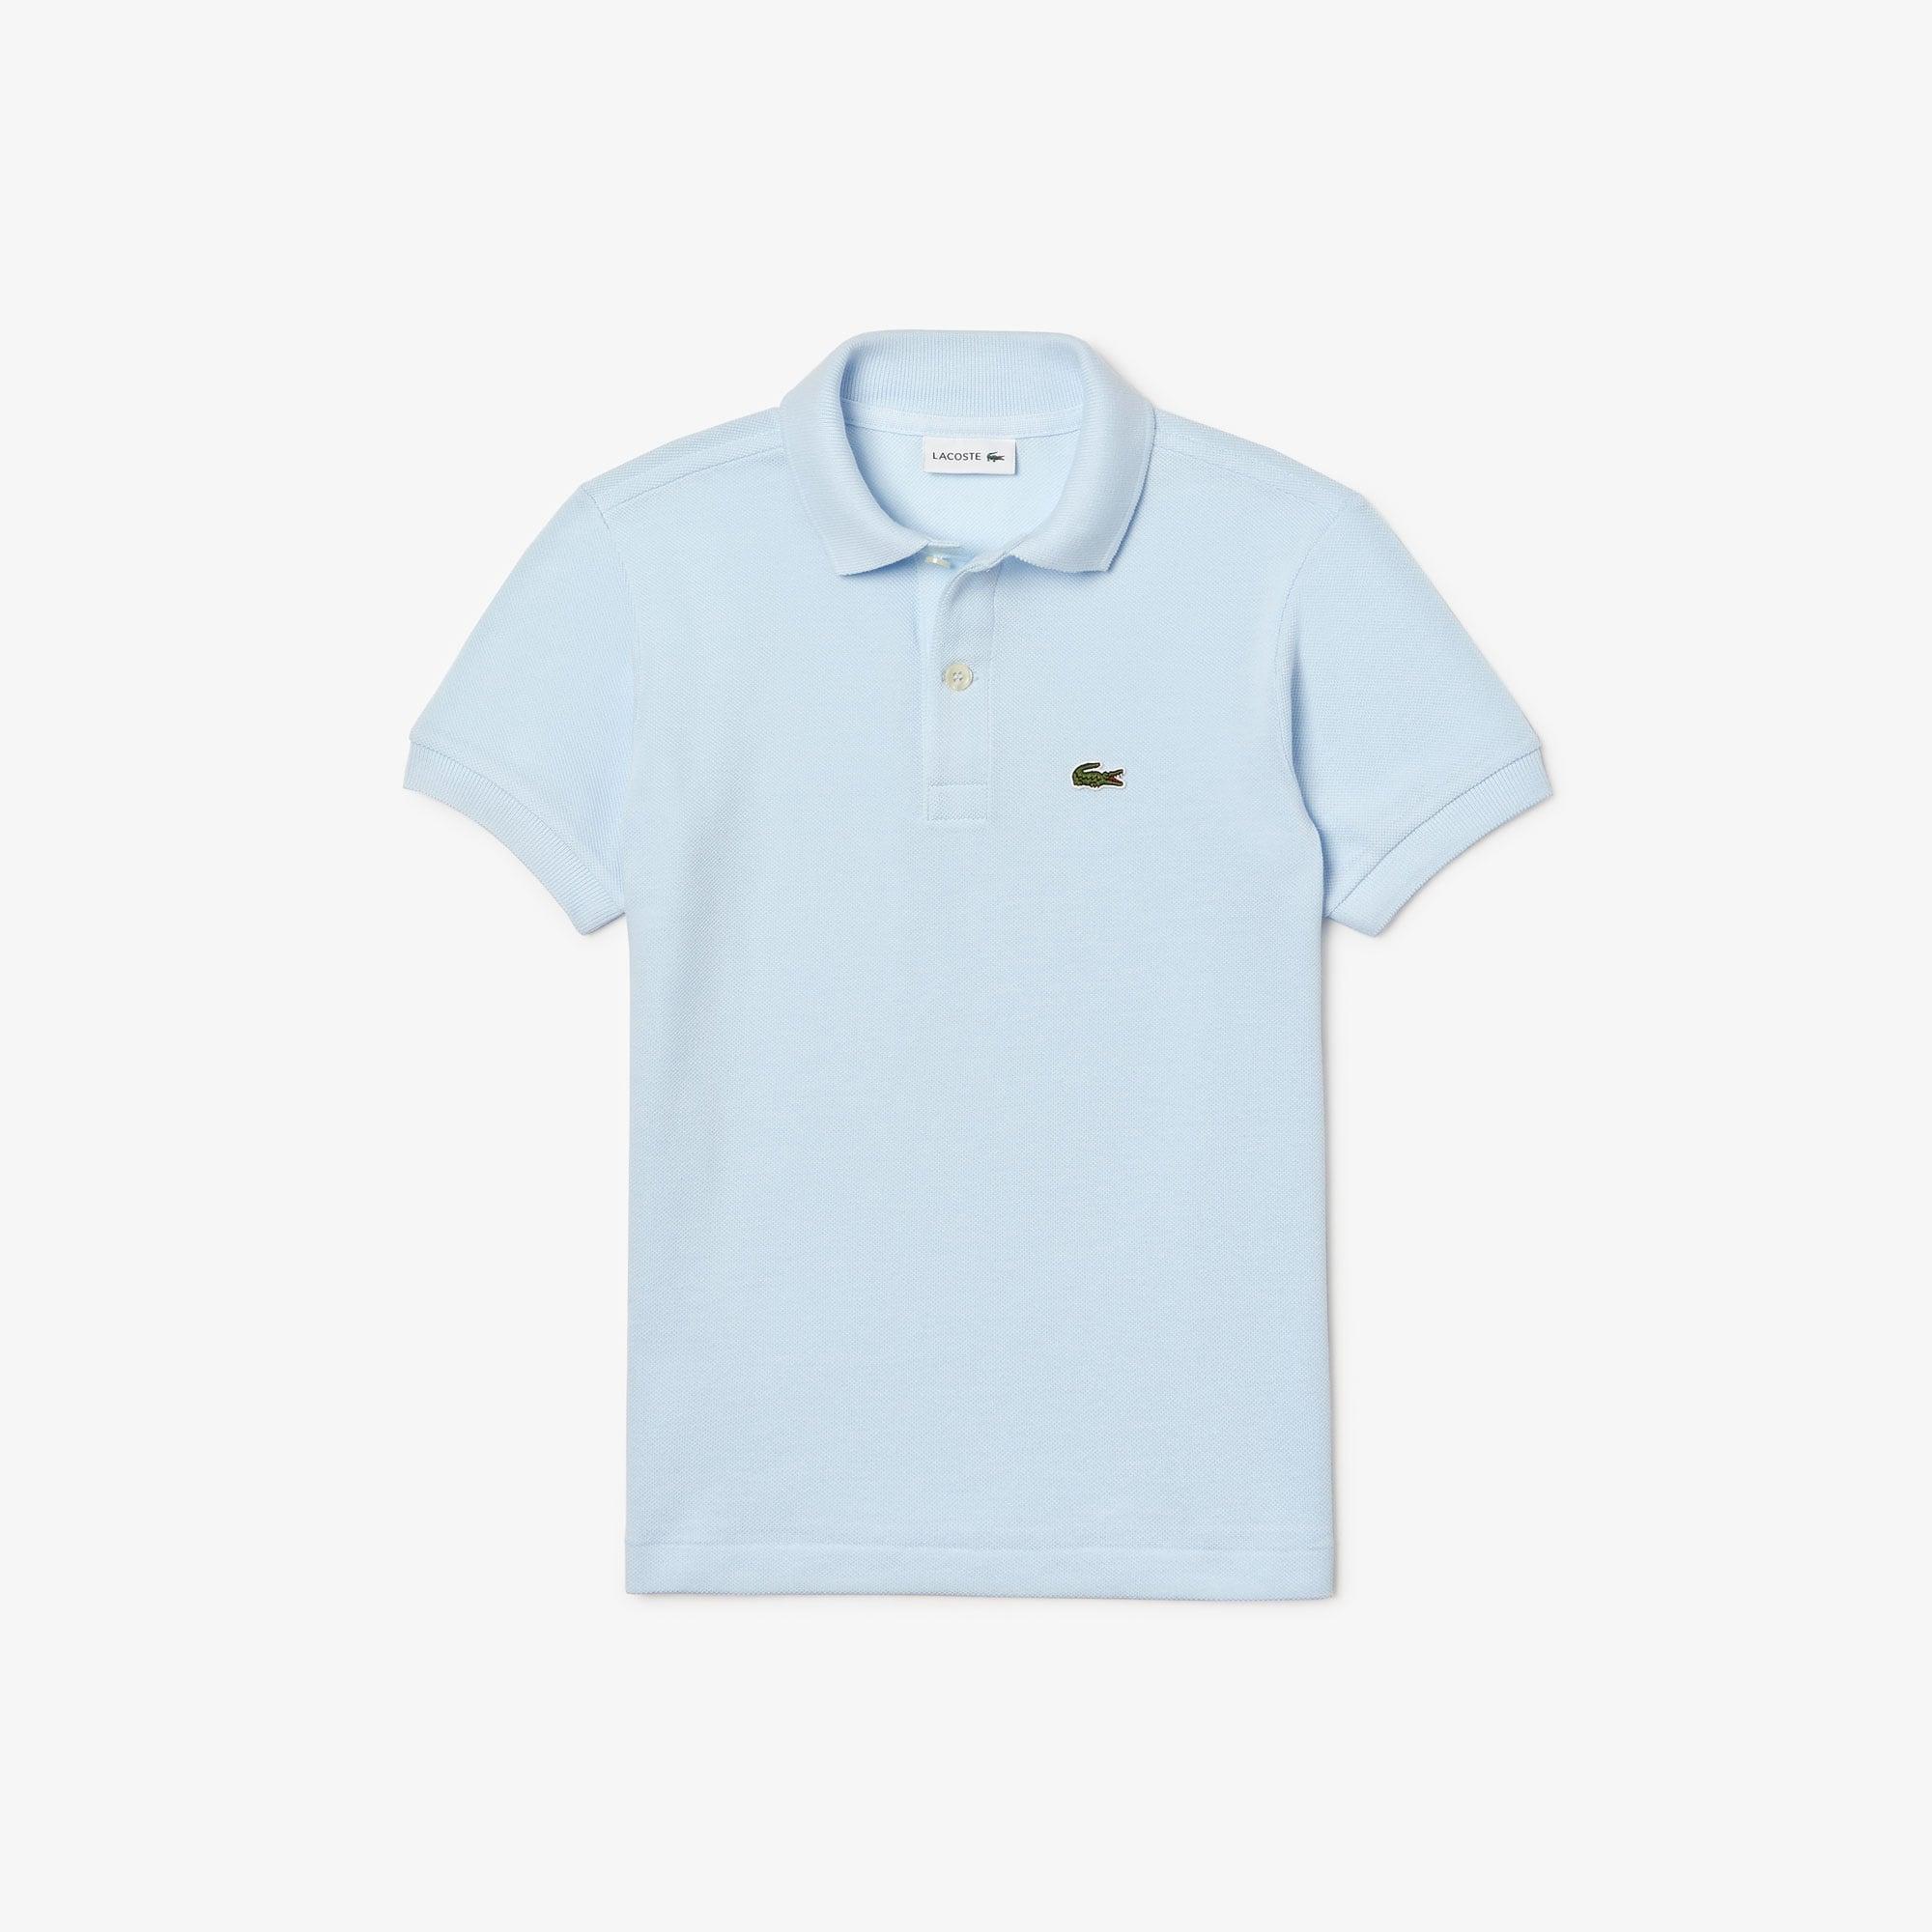 라코스테 보이즈 클래식 피케 폴로셔츠 - 라이트 블루(T01) Lacoste Boys' Classic Pique Polo